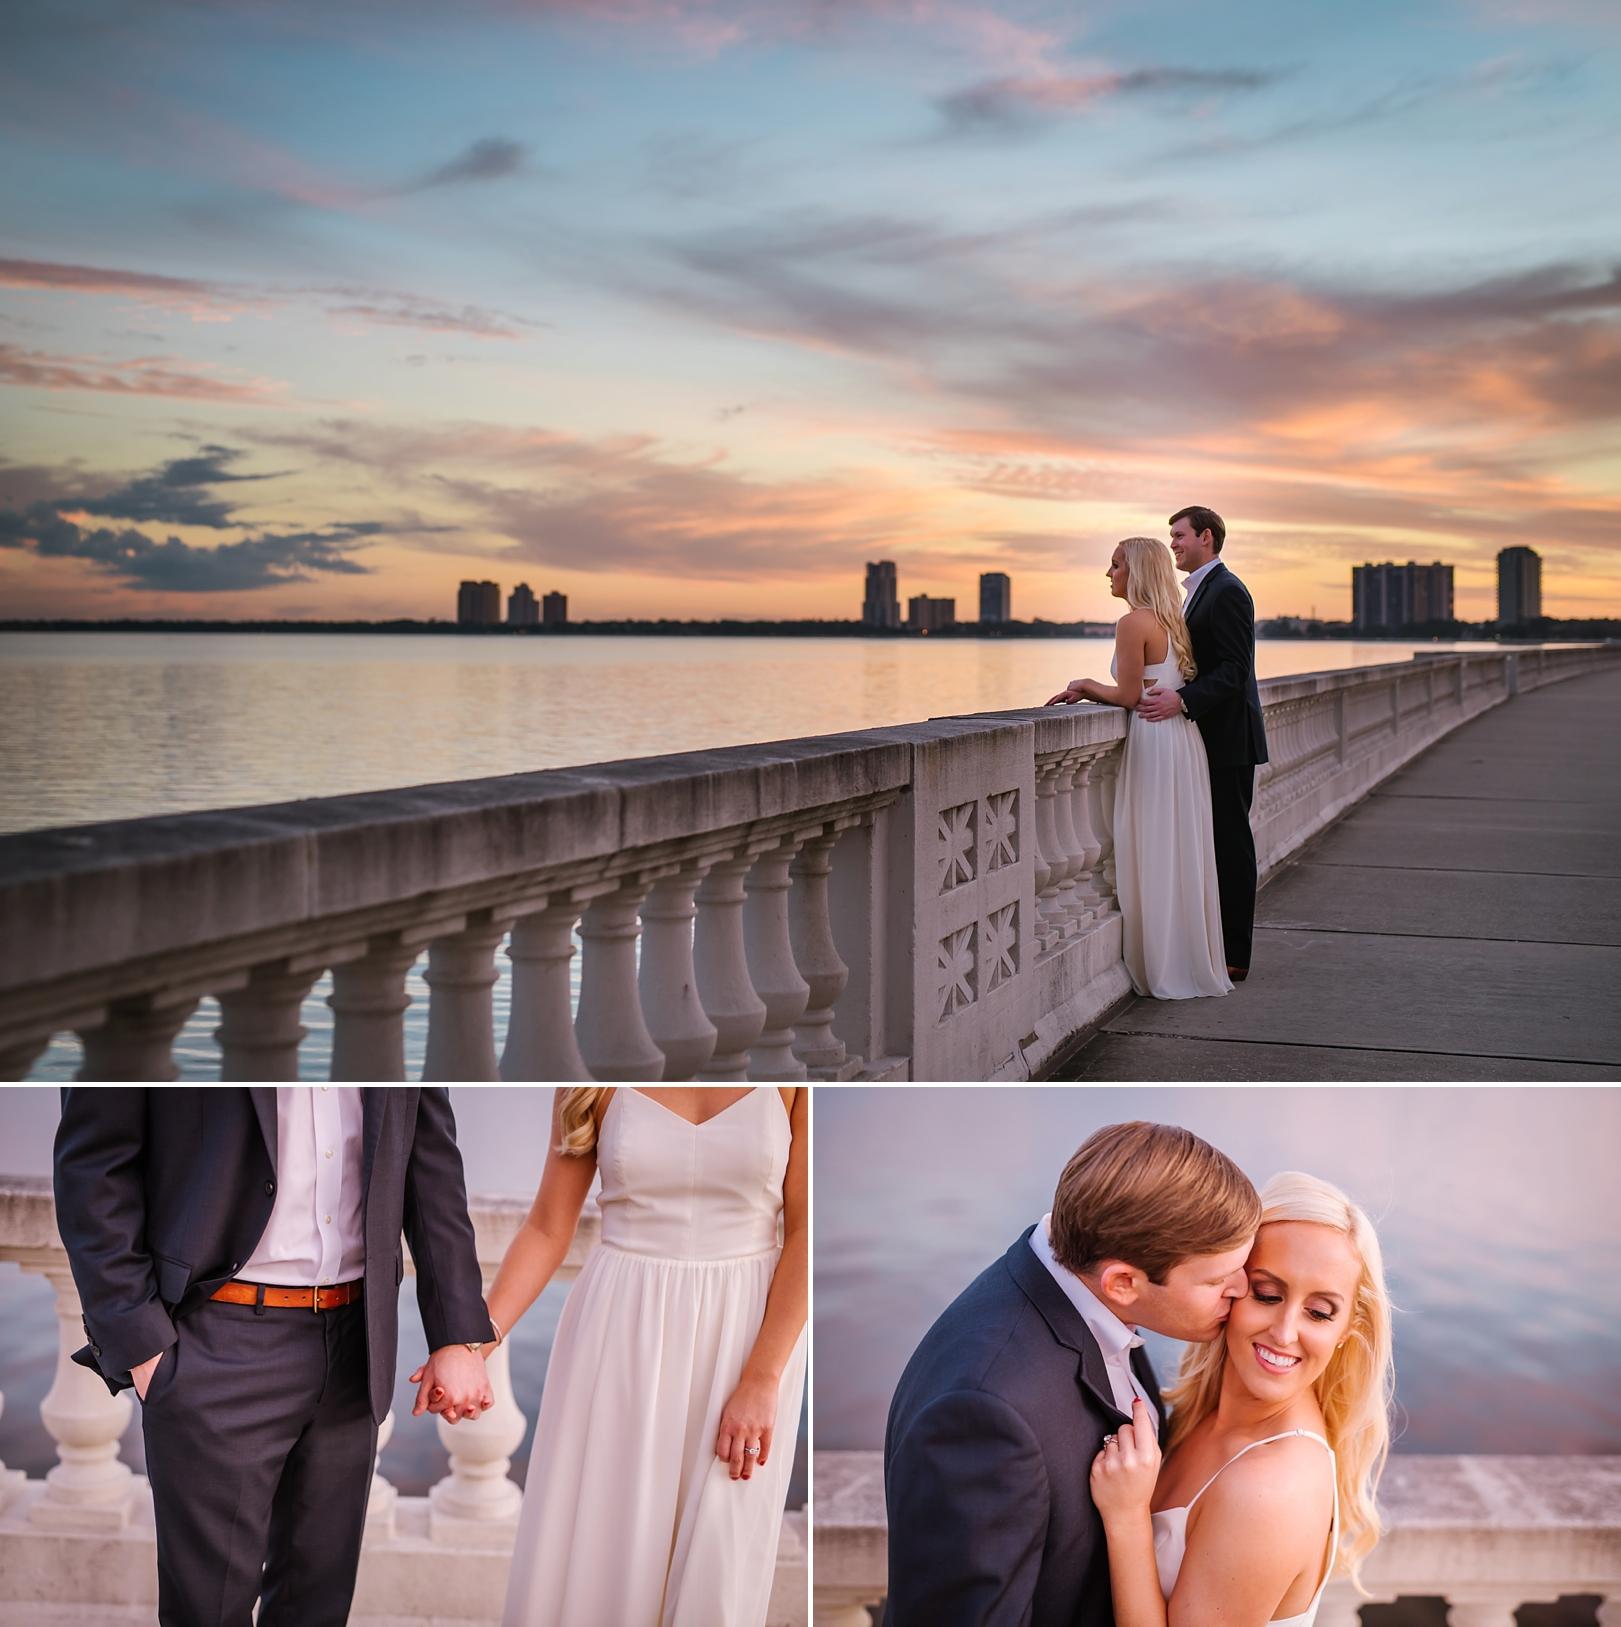 romantic-stylish-elegant-upscale-engagement-photography-ashlee-hamon-tampa_0011.jpg